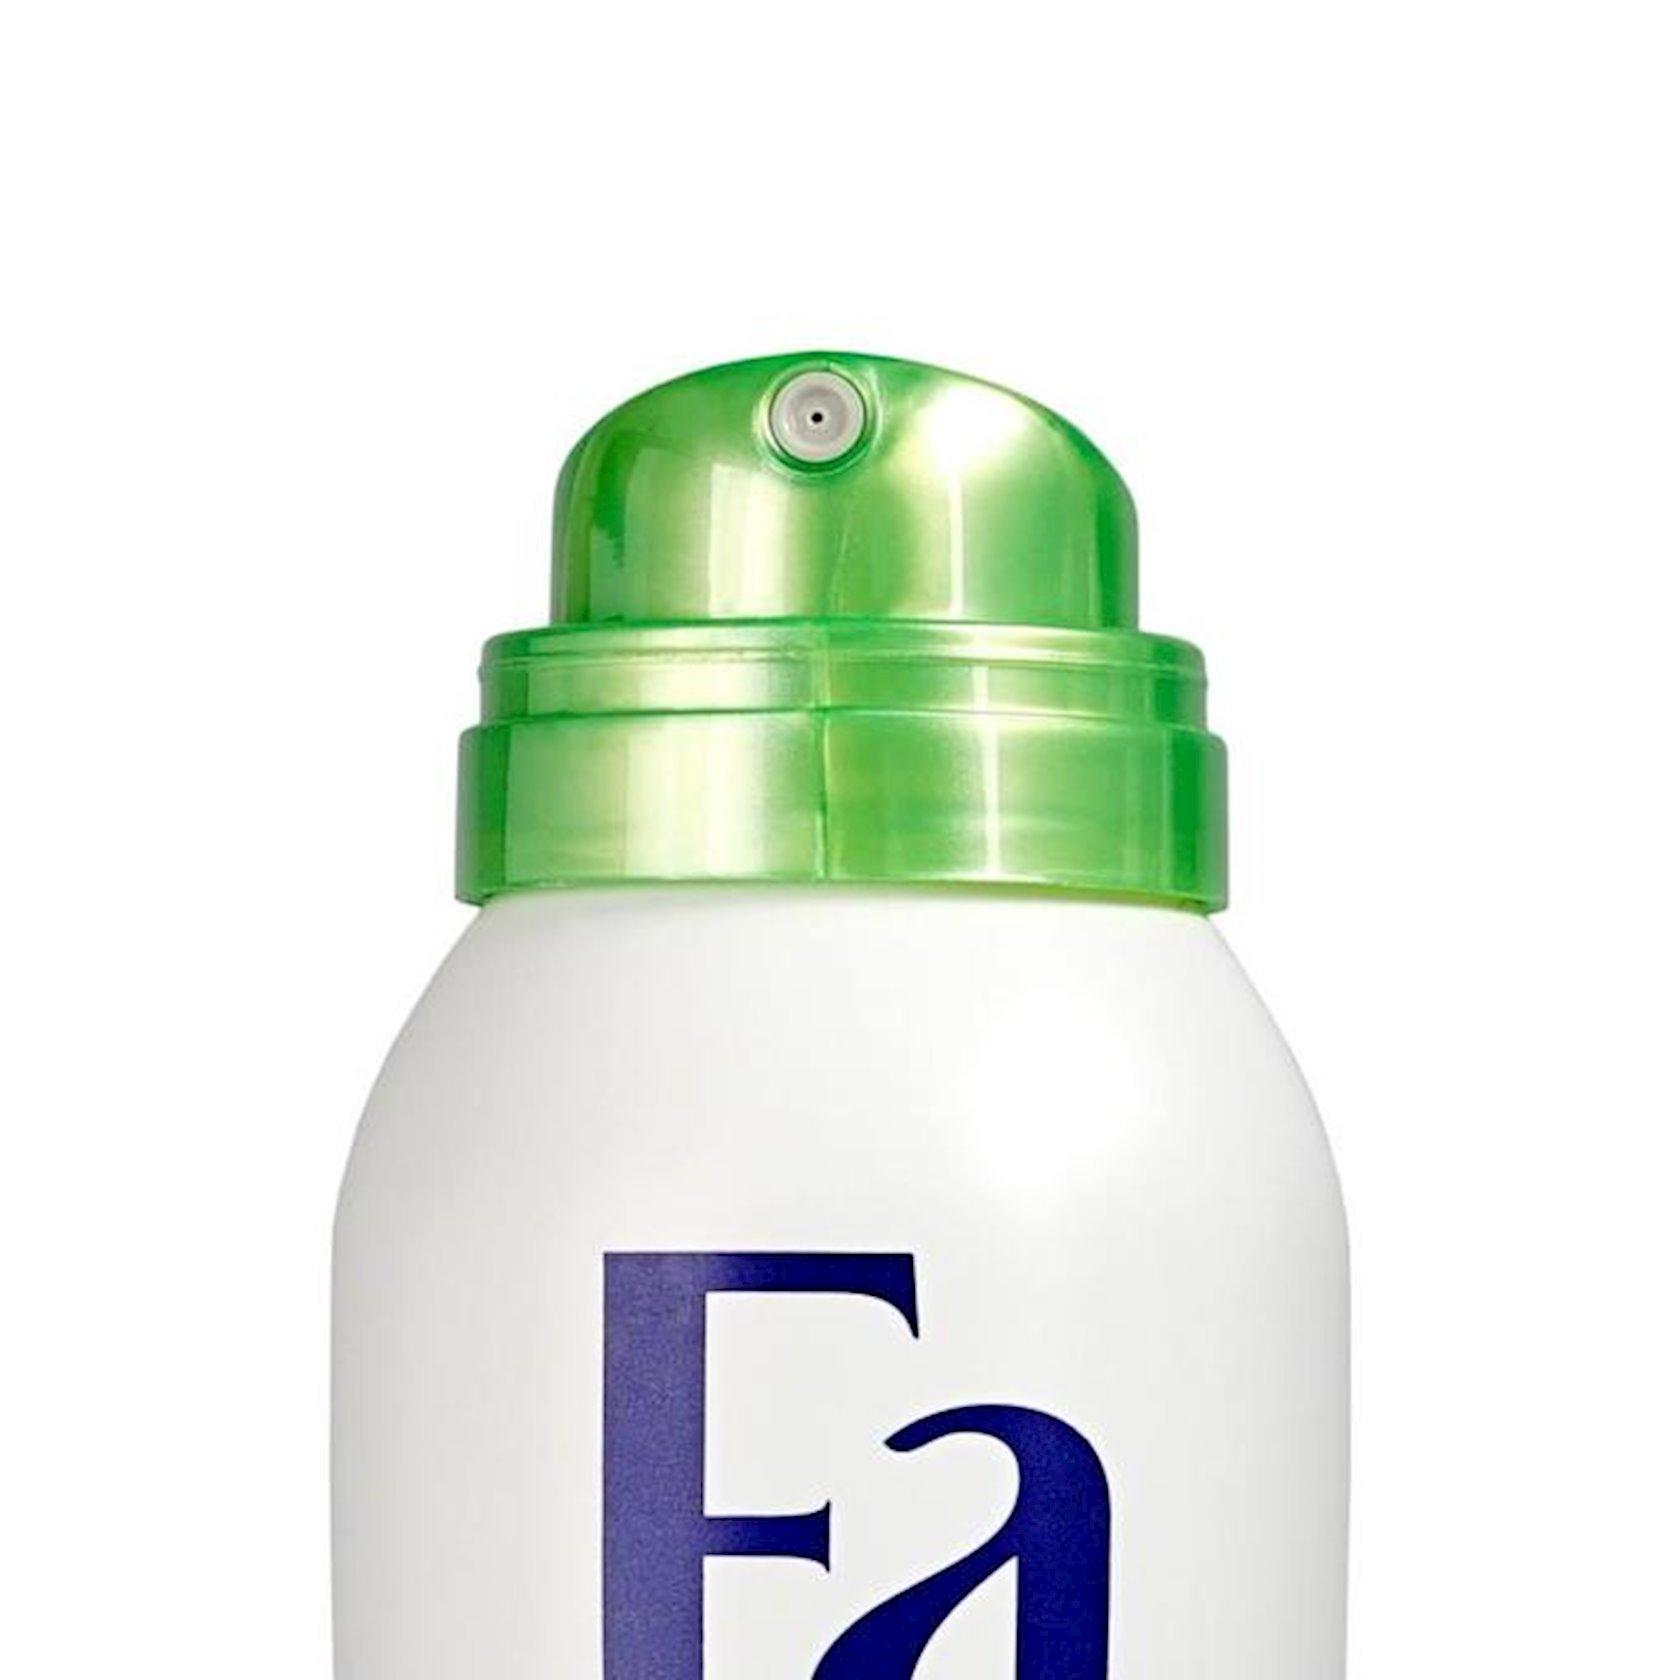 Əllər üçün Sprey Fa antibakterial effekt ilə Təmizlik və təravət, 150 ml